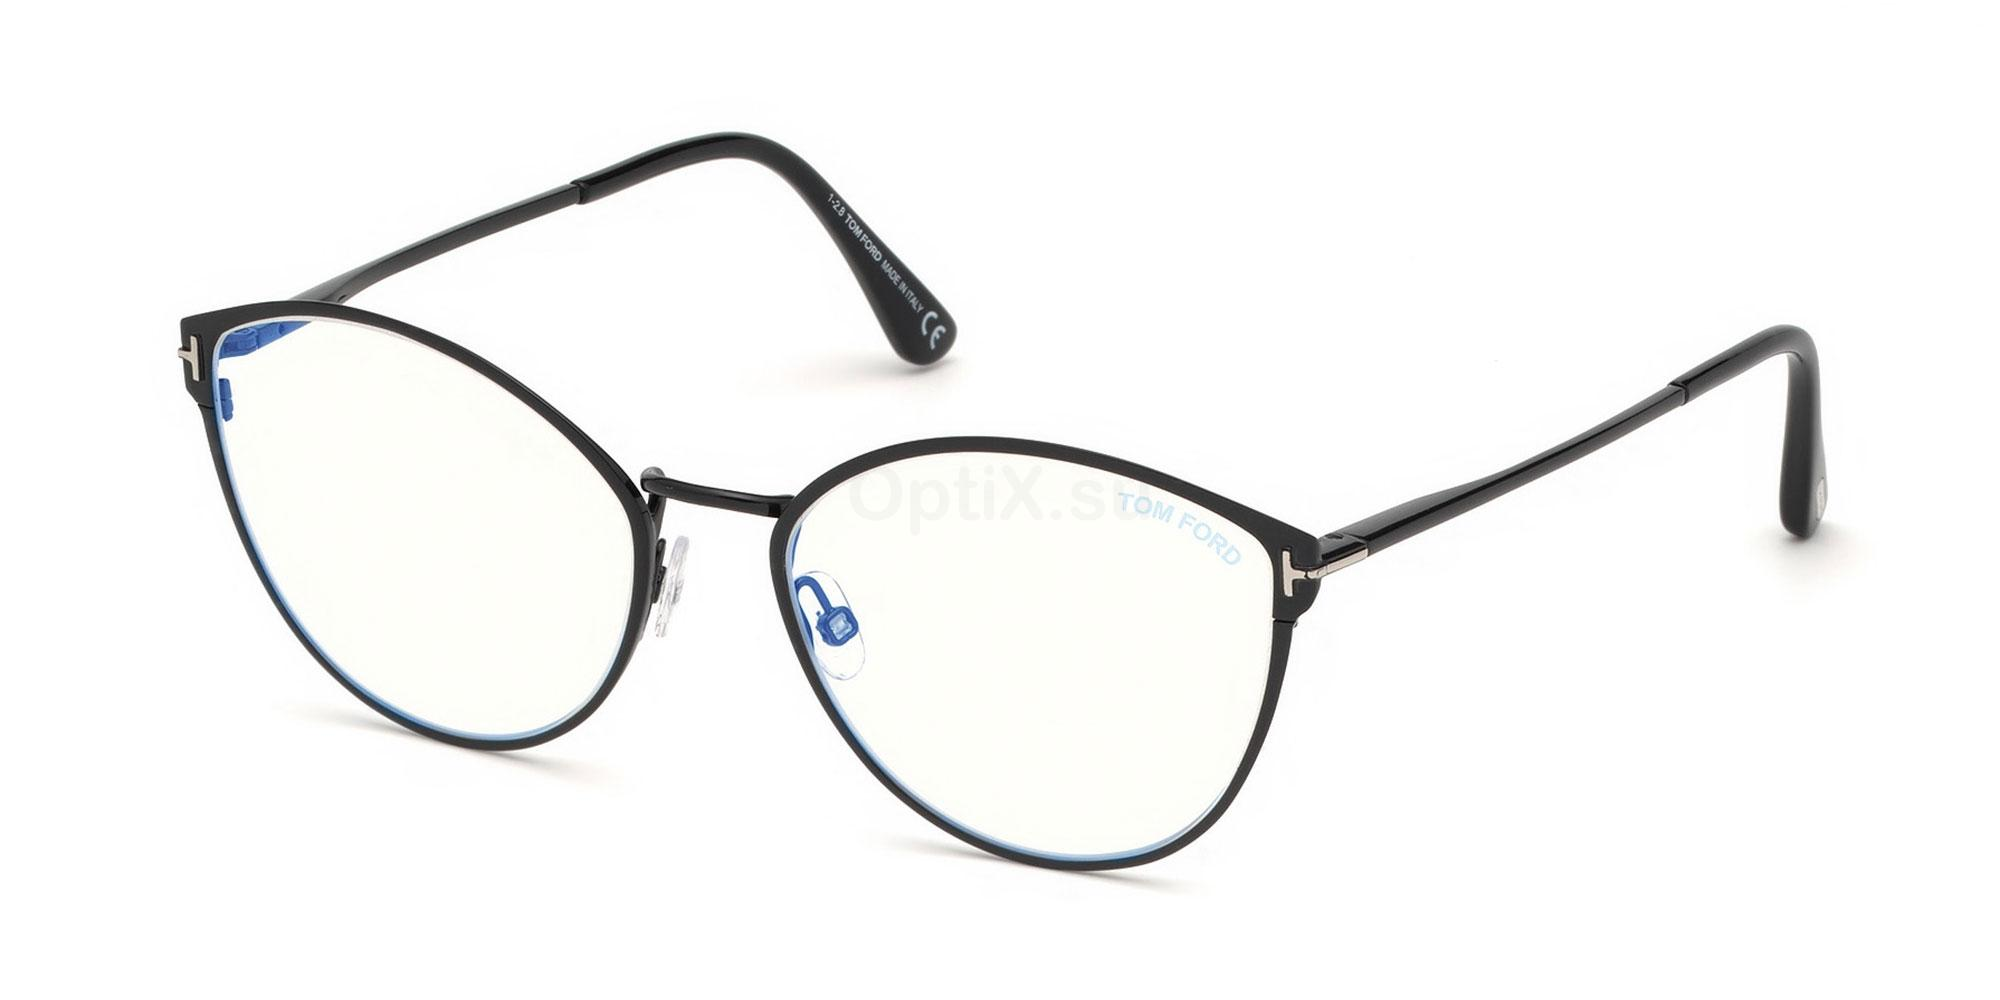 001 FT5573-B Glasses, Tom Ford